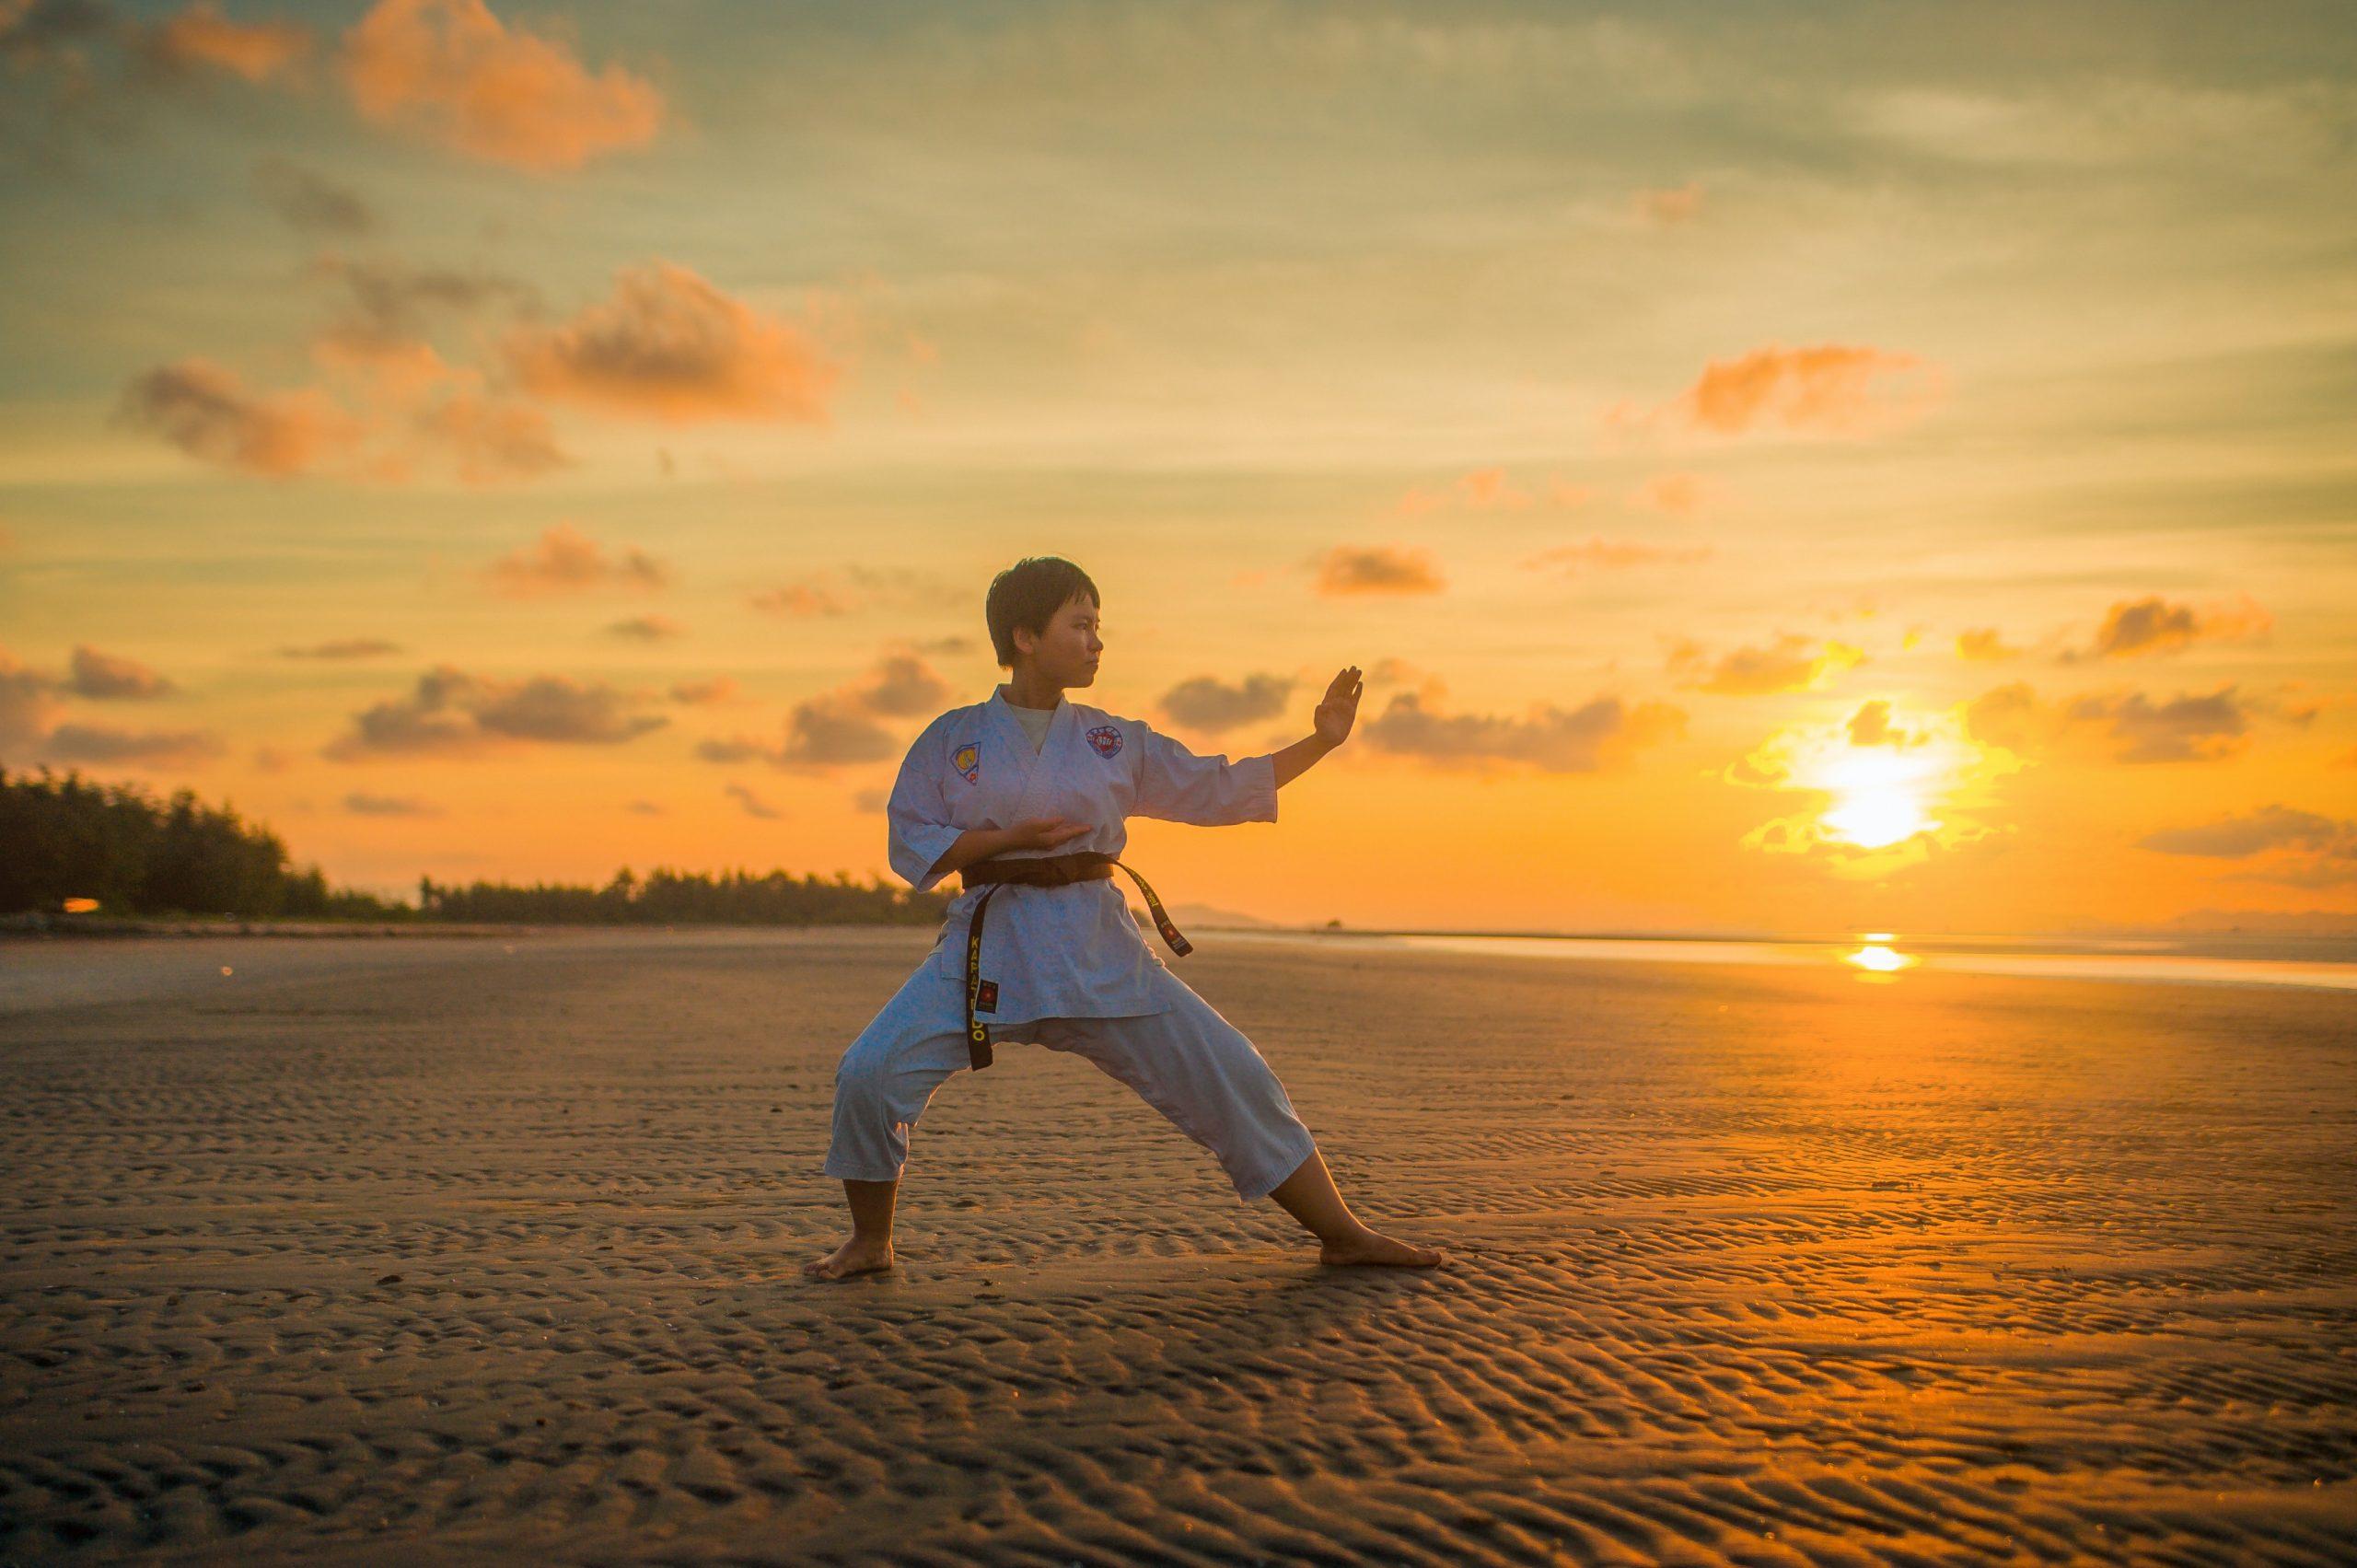 A foto mostra um garoto praticando karatê ao ar livre na areia da praia